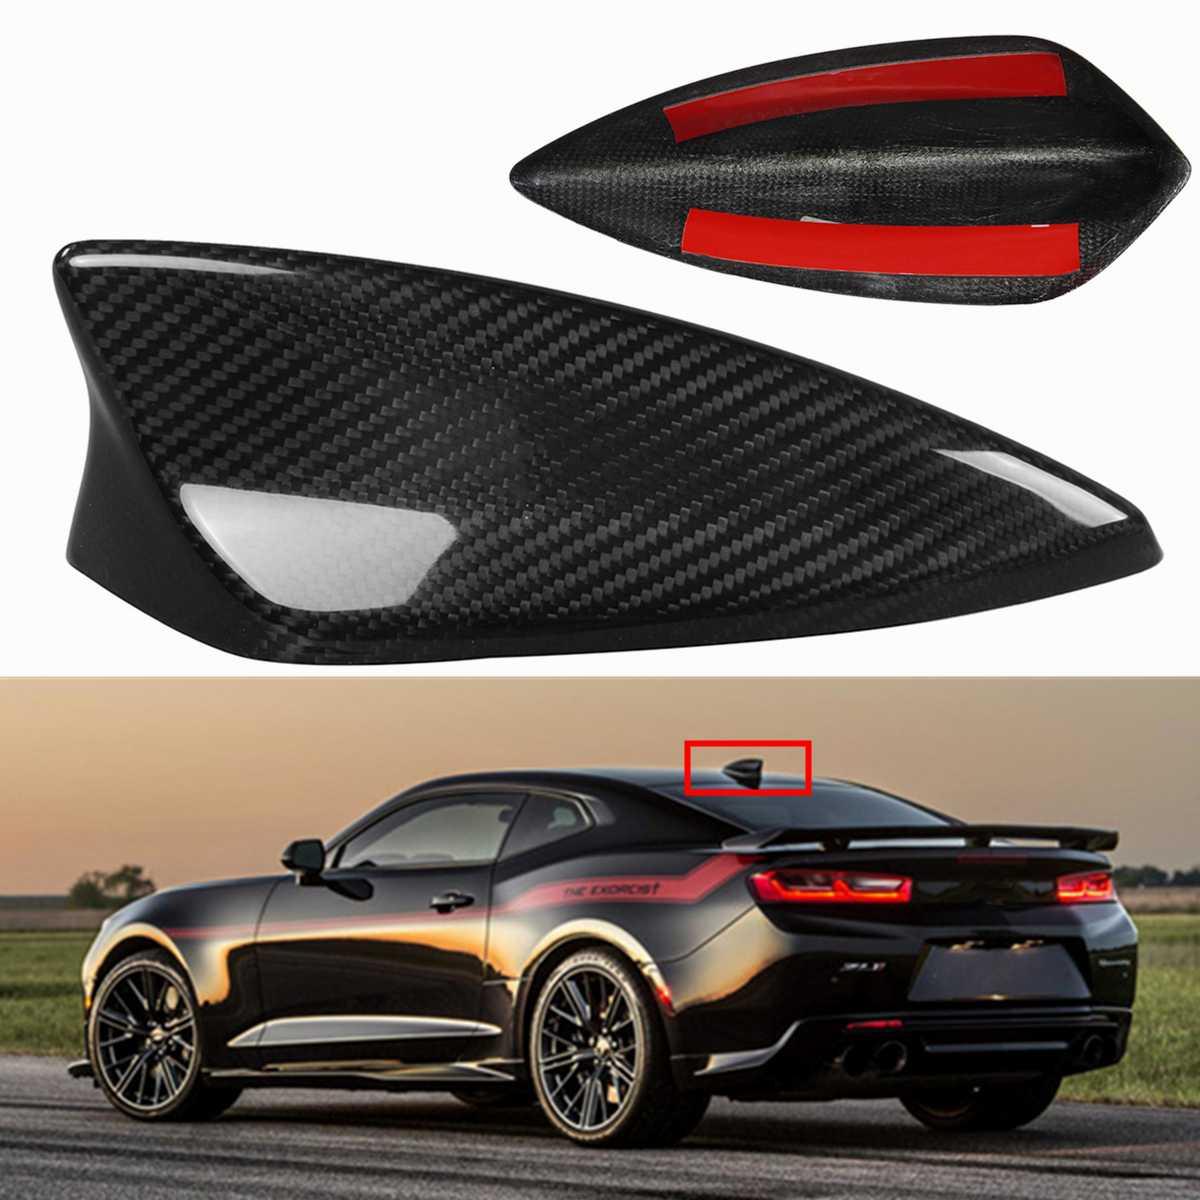 Antenne de toit de voiture antennes aileron de requin style couvercle d'antenne garniture de Radio vraie Fiber de carbone pour Chevrolet Camaro 2017-2018